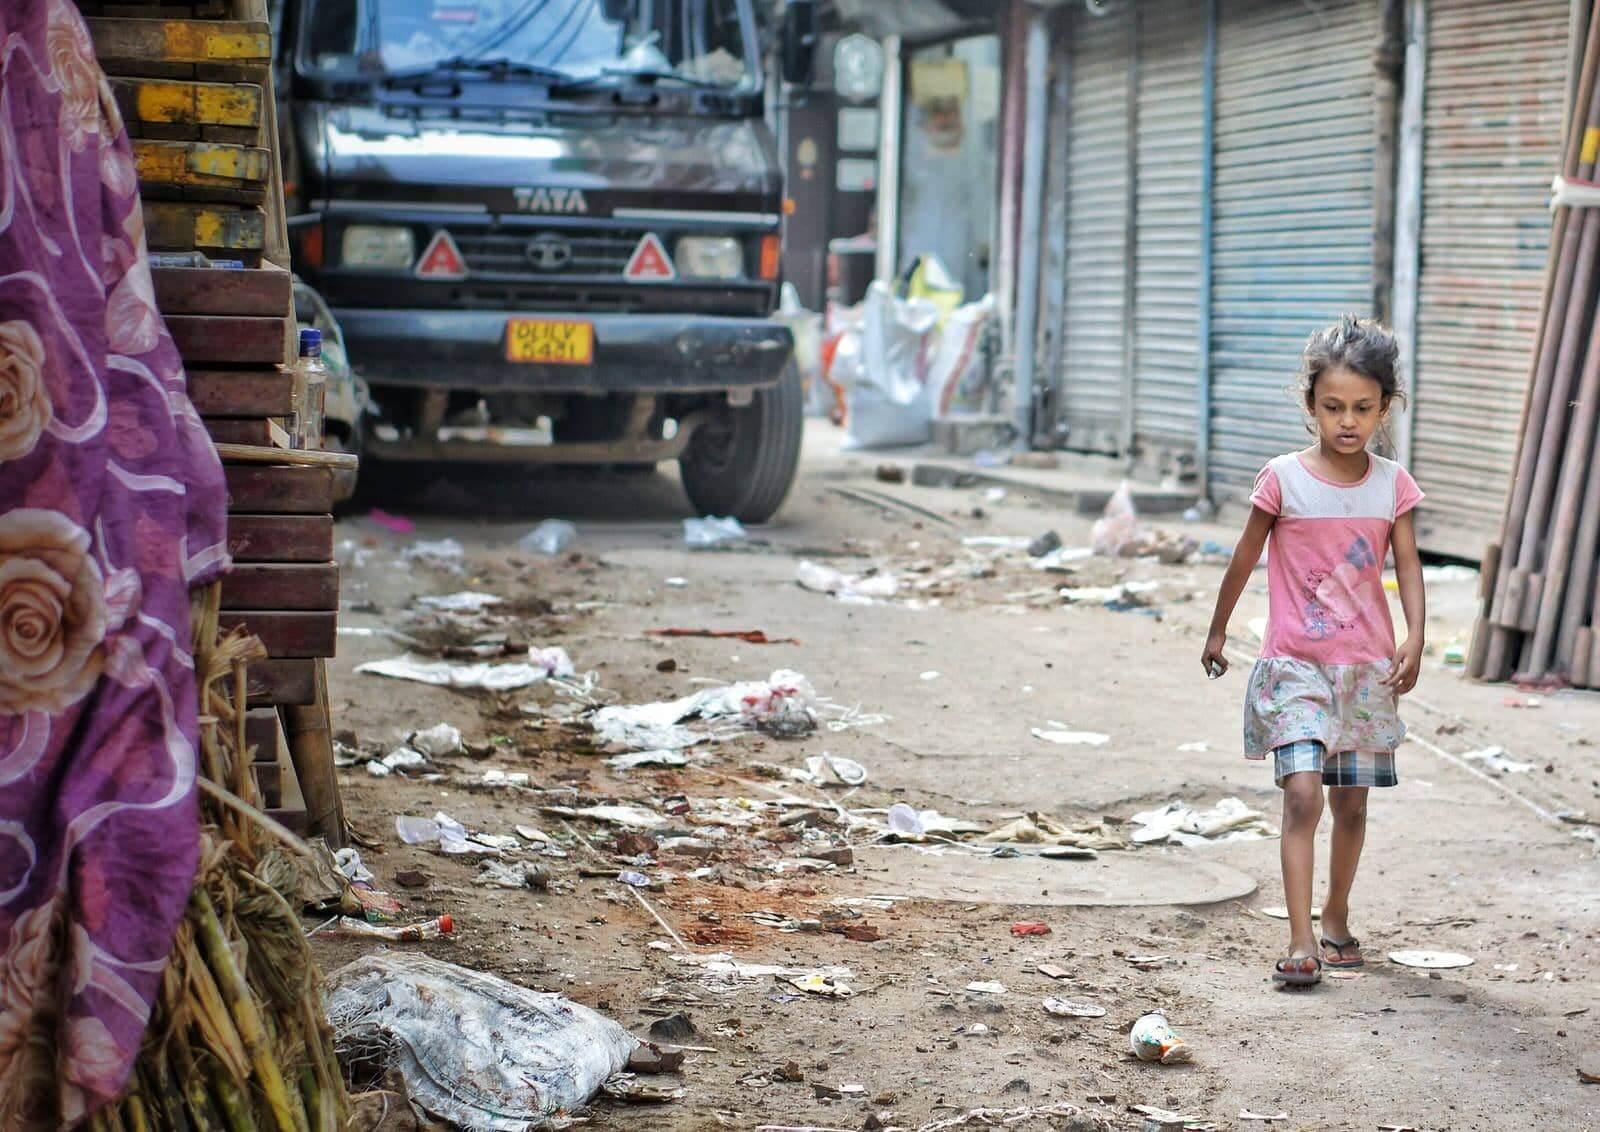 印度的孩童面貌:我看見政府的失衡,也看見困厄生活中的純真快樂